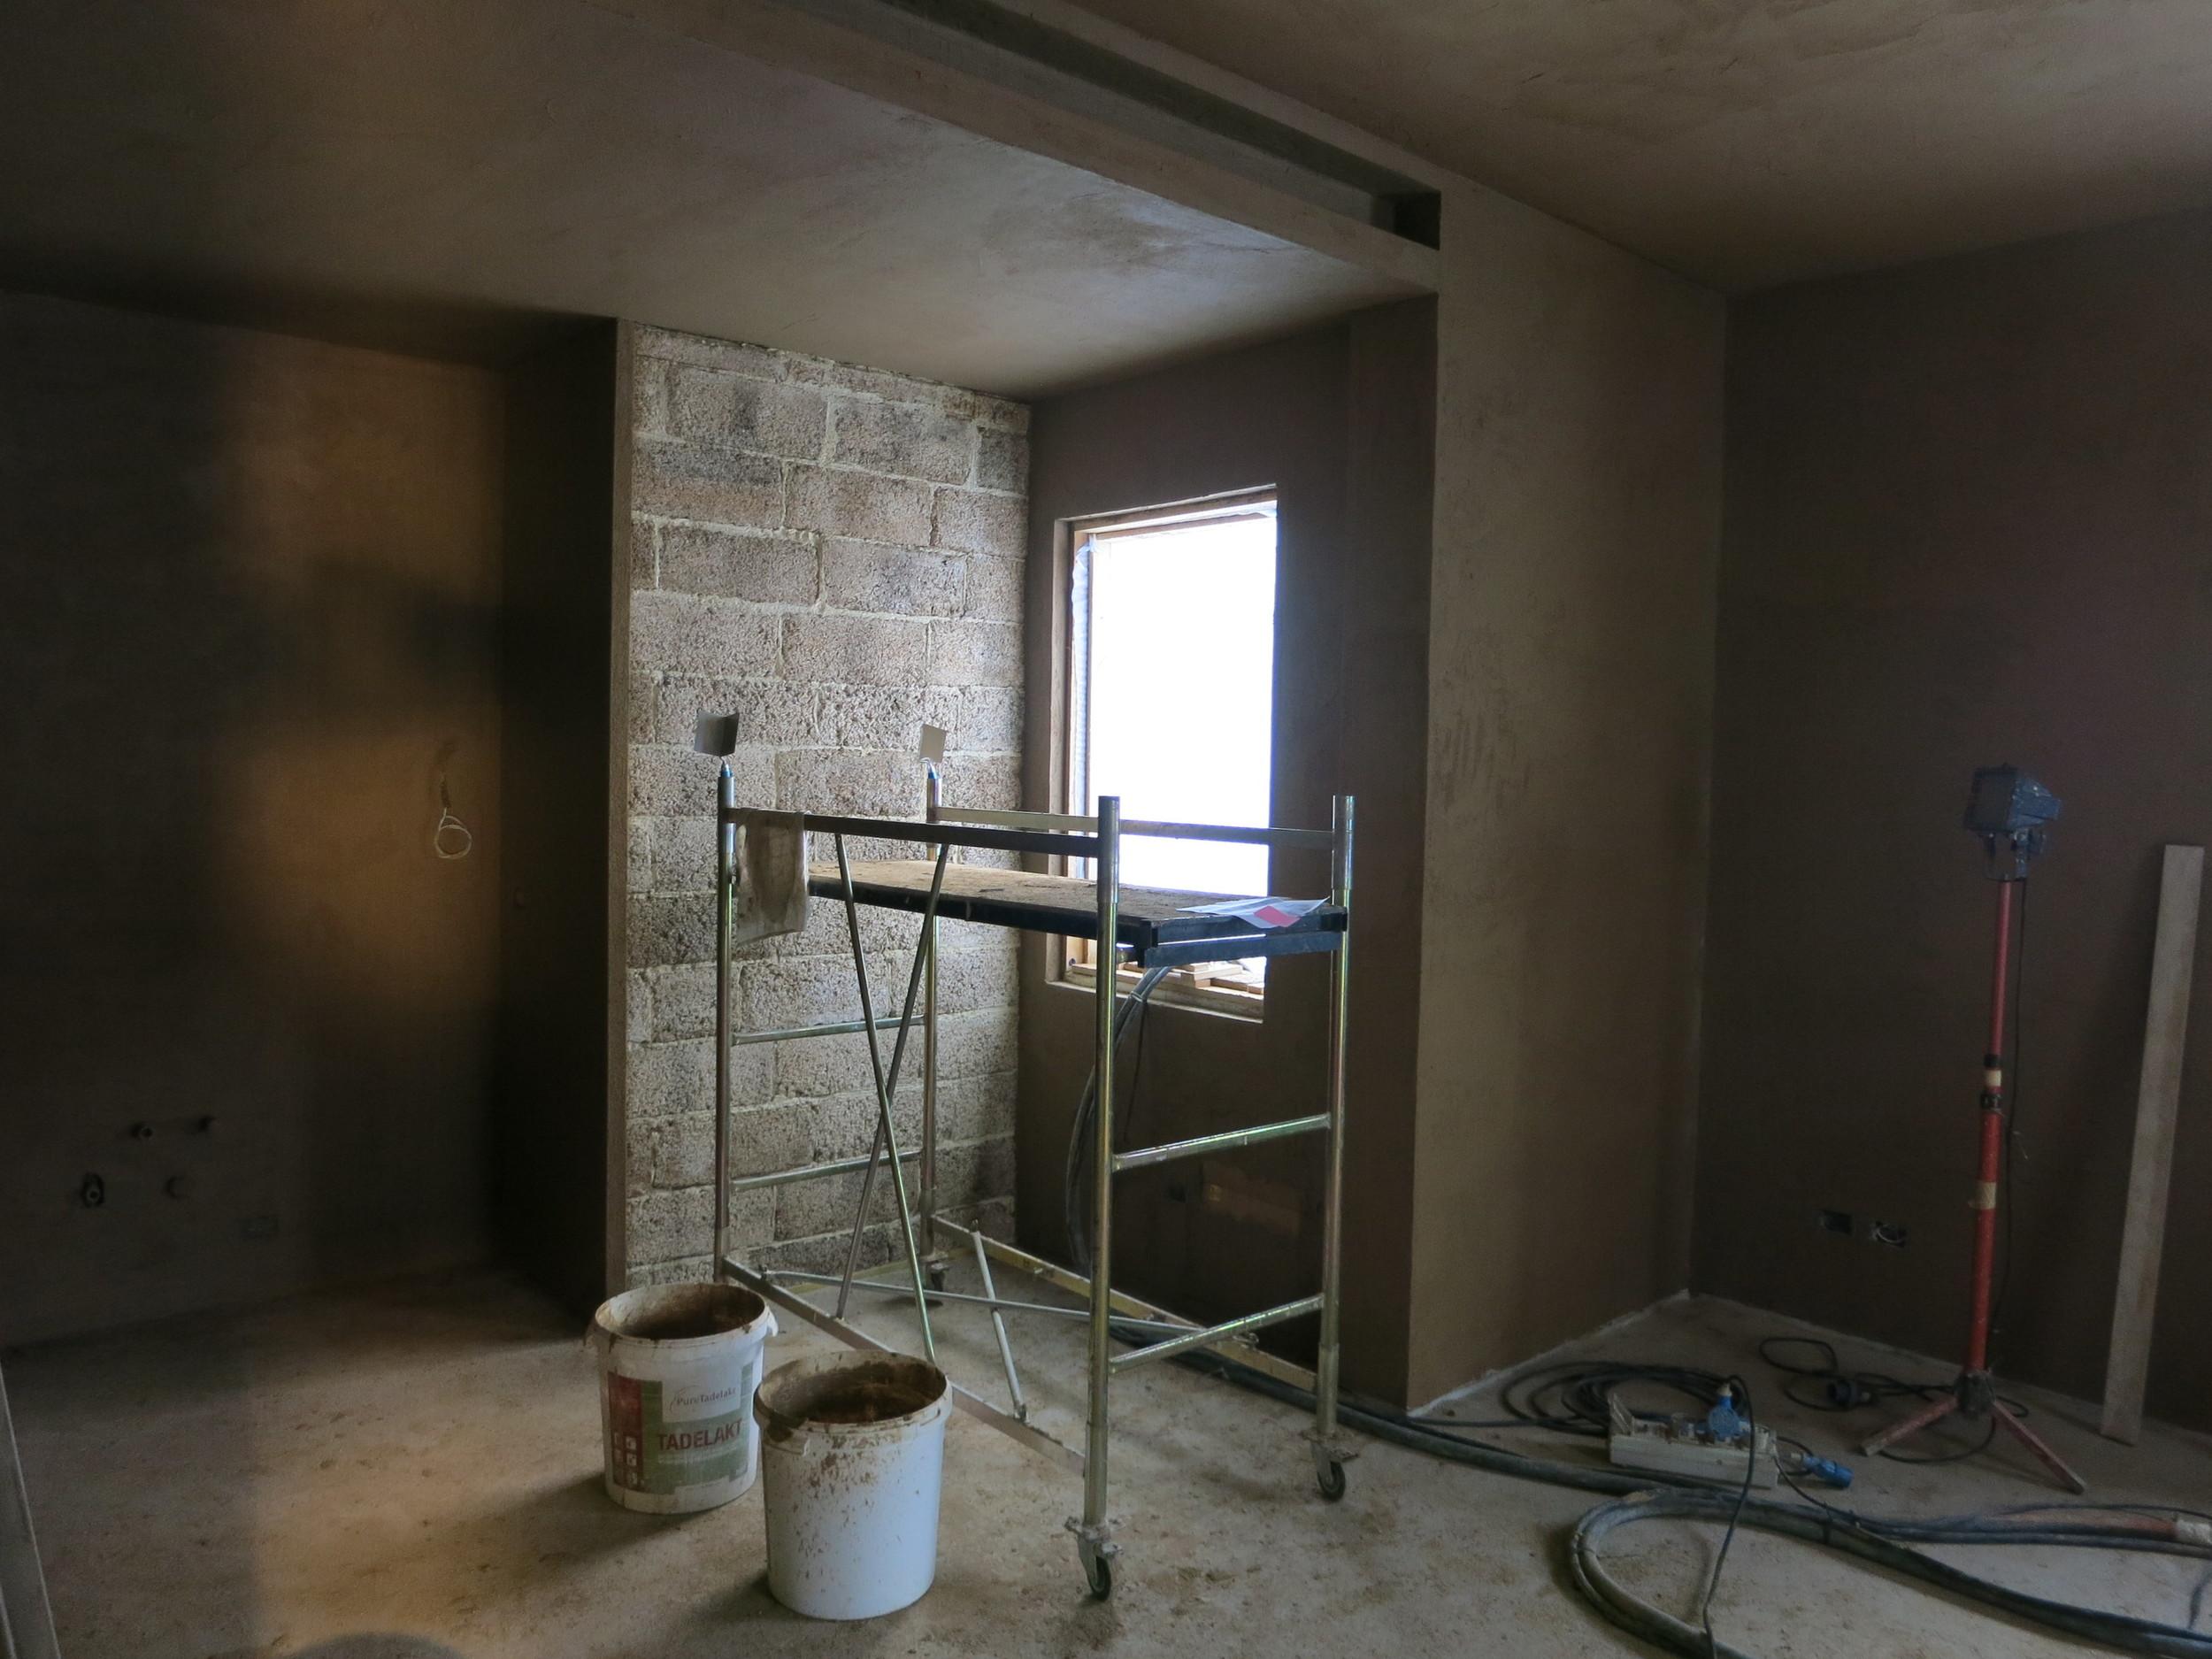 06-ristrutturazione-nicola-preti-architetto.jpg